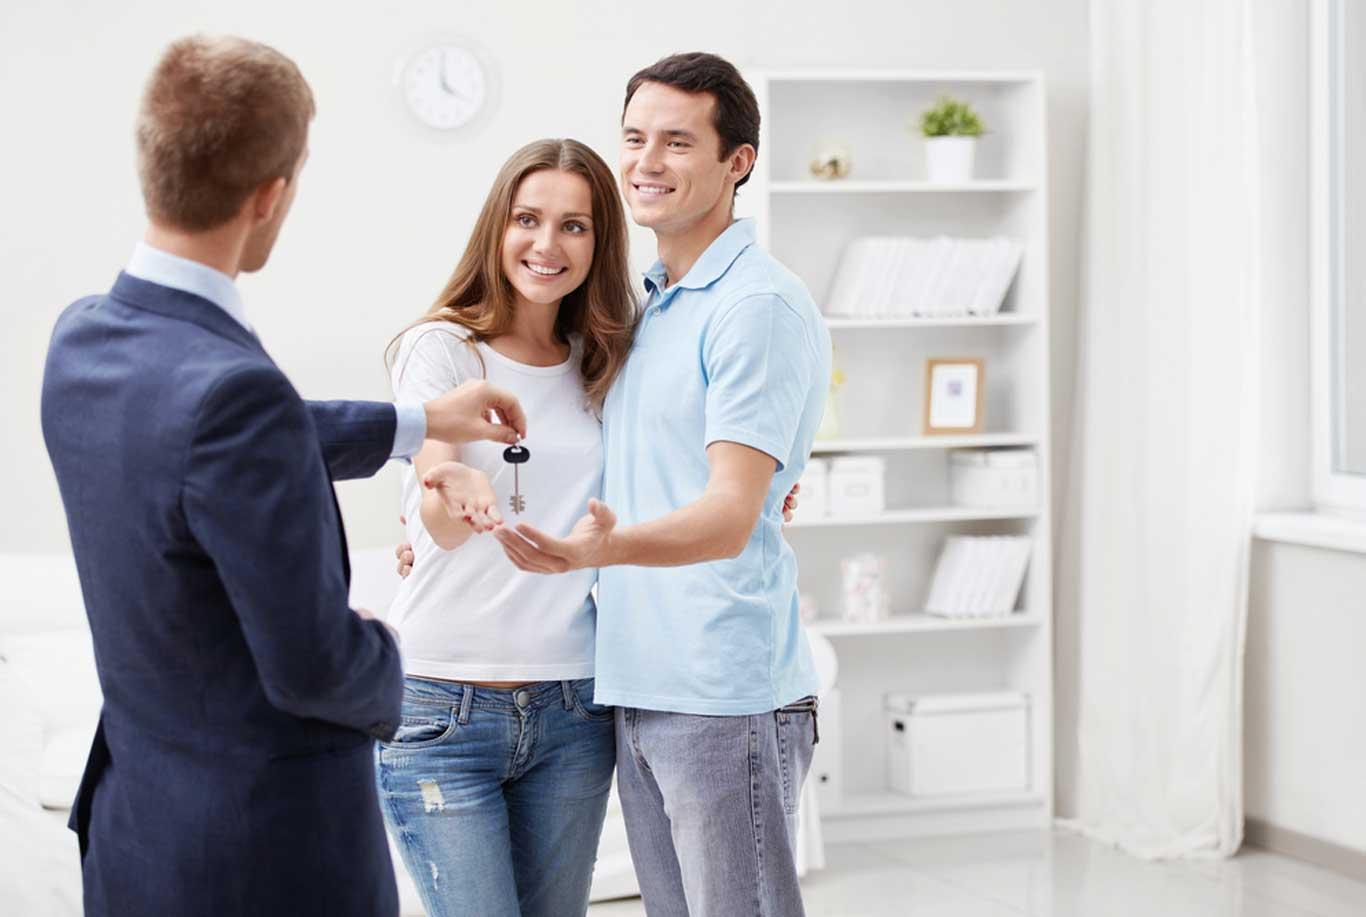 Преимущества покупки, продажи или аренды квартиры через агентство (1 фото)